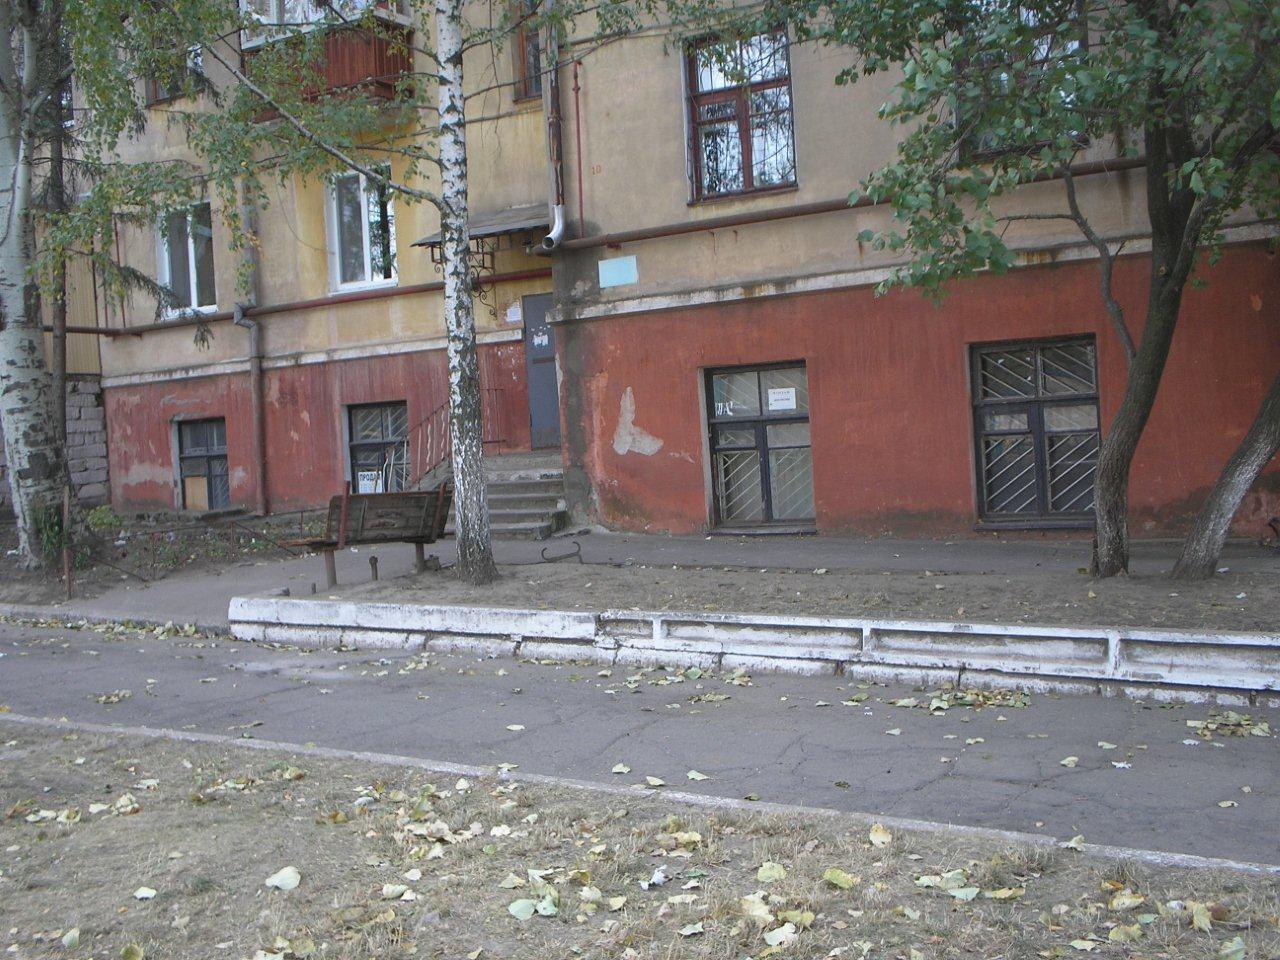 Нежитлове приміщення в м. Марганець, вул. Палацова, буд. 3, площею 170,7 кв. м